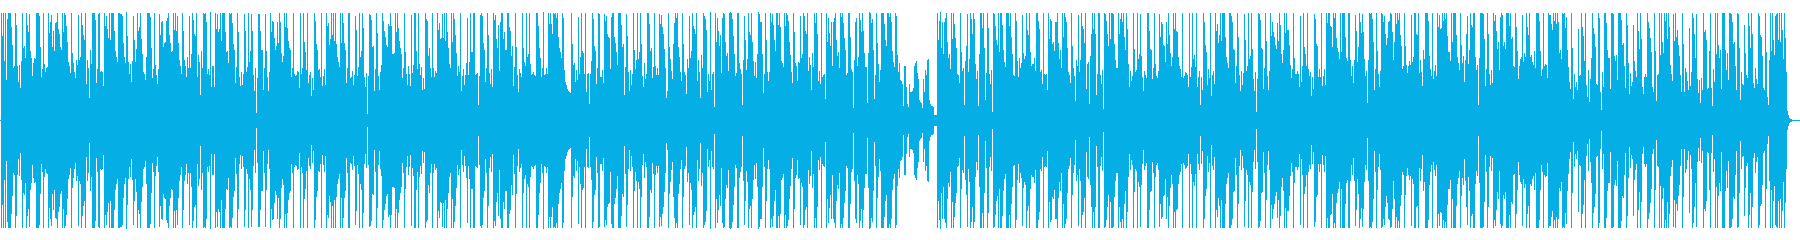 ダークな雰囲気漂うヒップホップ R&Bの再生済みの波形